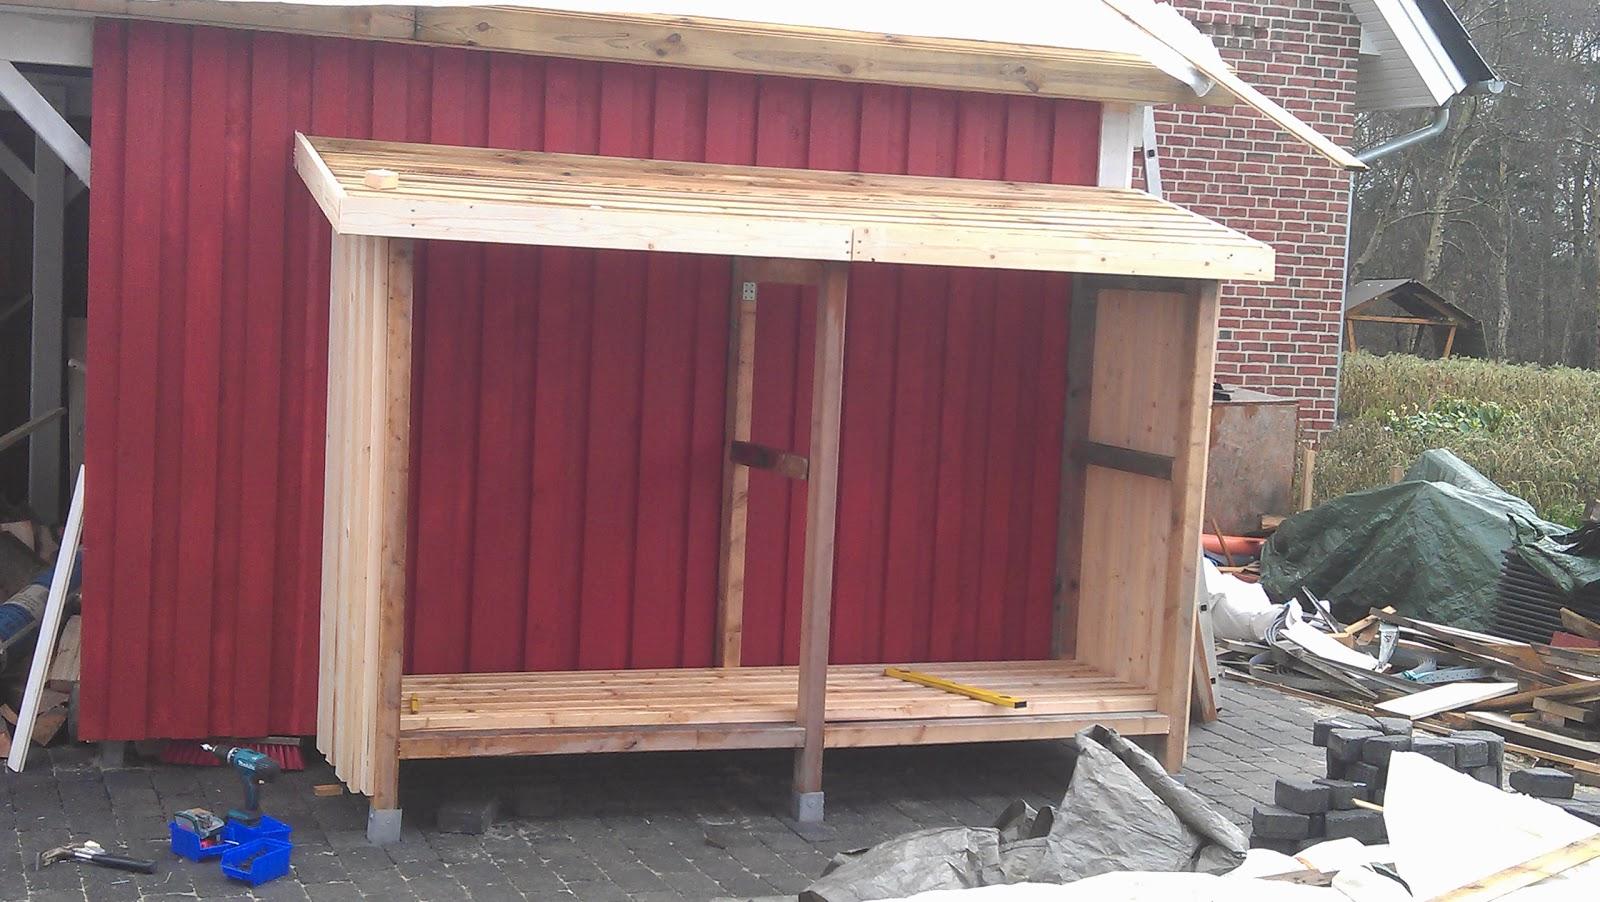 v rt lilla r da sverige hus holzlager am carport und. Black Bedroom Furniture Sets. Home Design Ideas